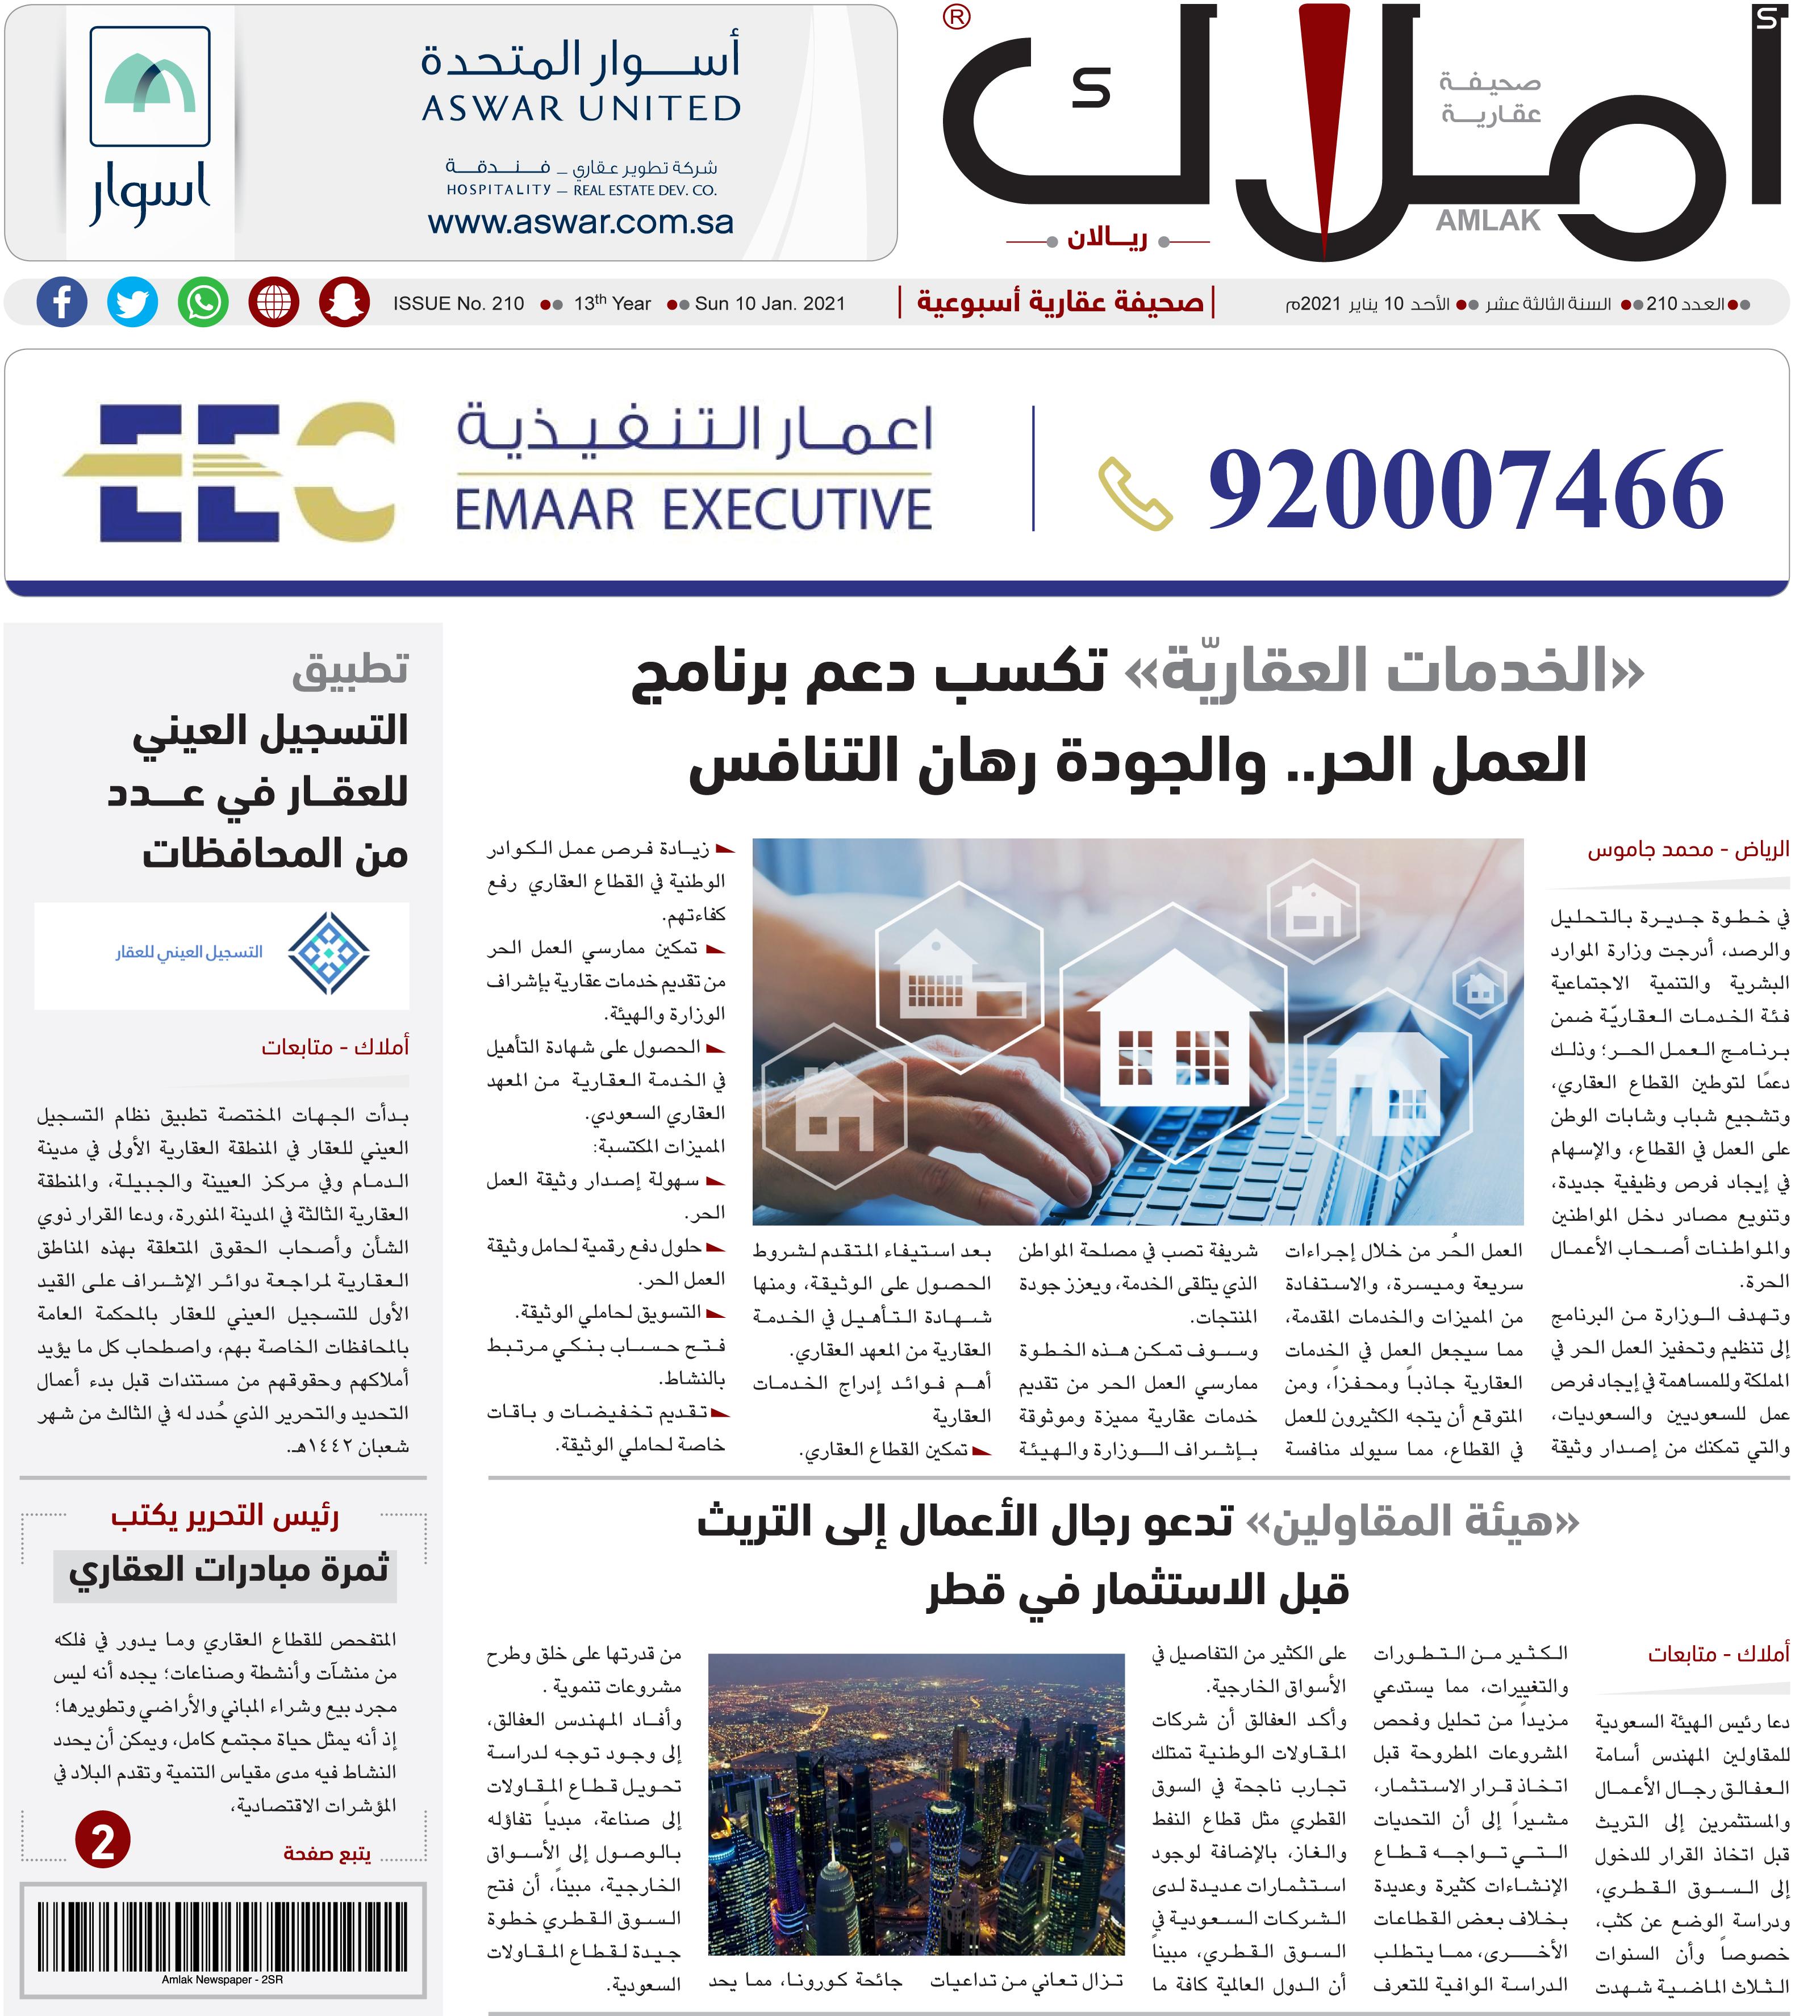 amlak 211 أخبار عقارية